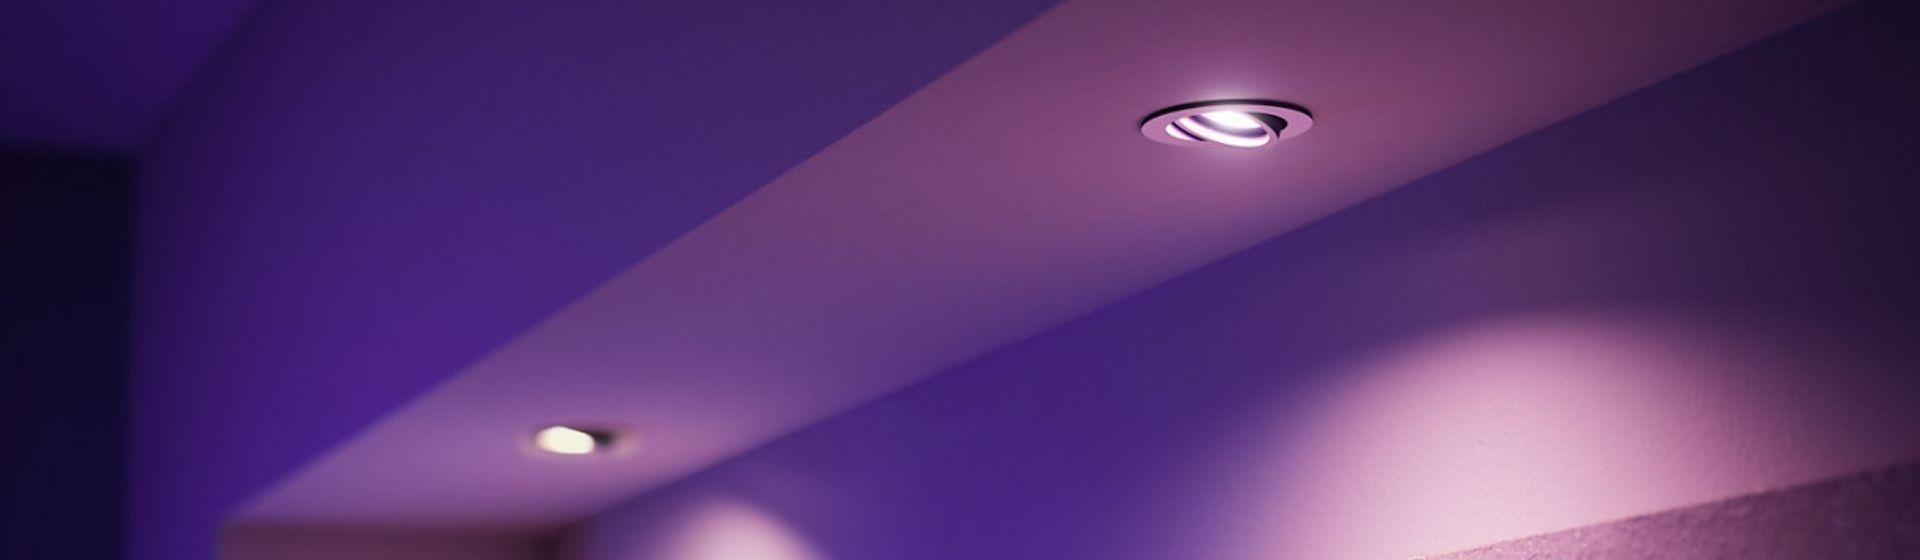 Philips lança lâmpada inteligente HUE: saiba mais sobre essa novidade